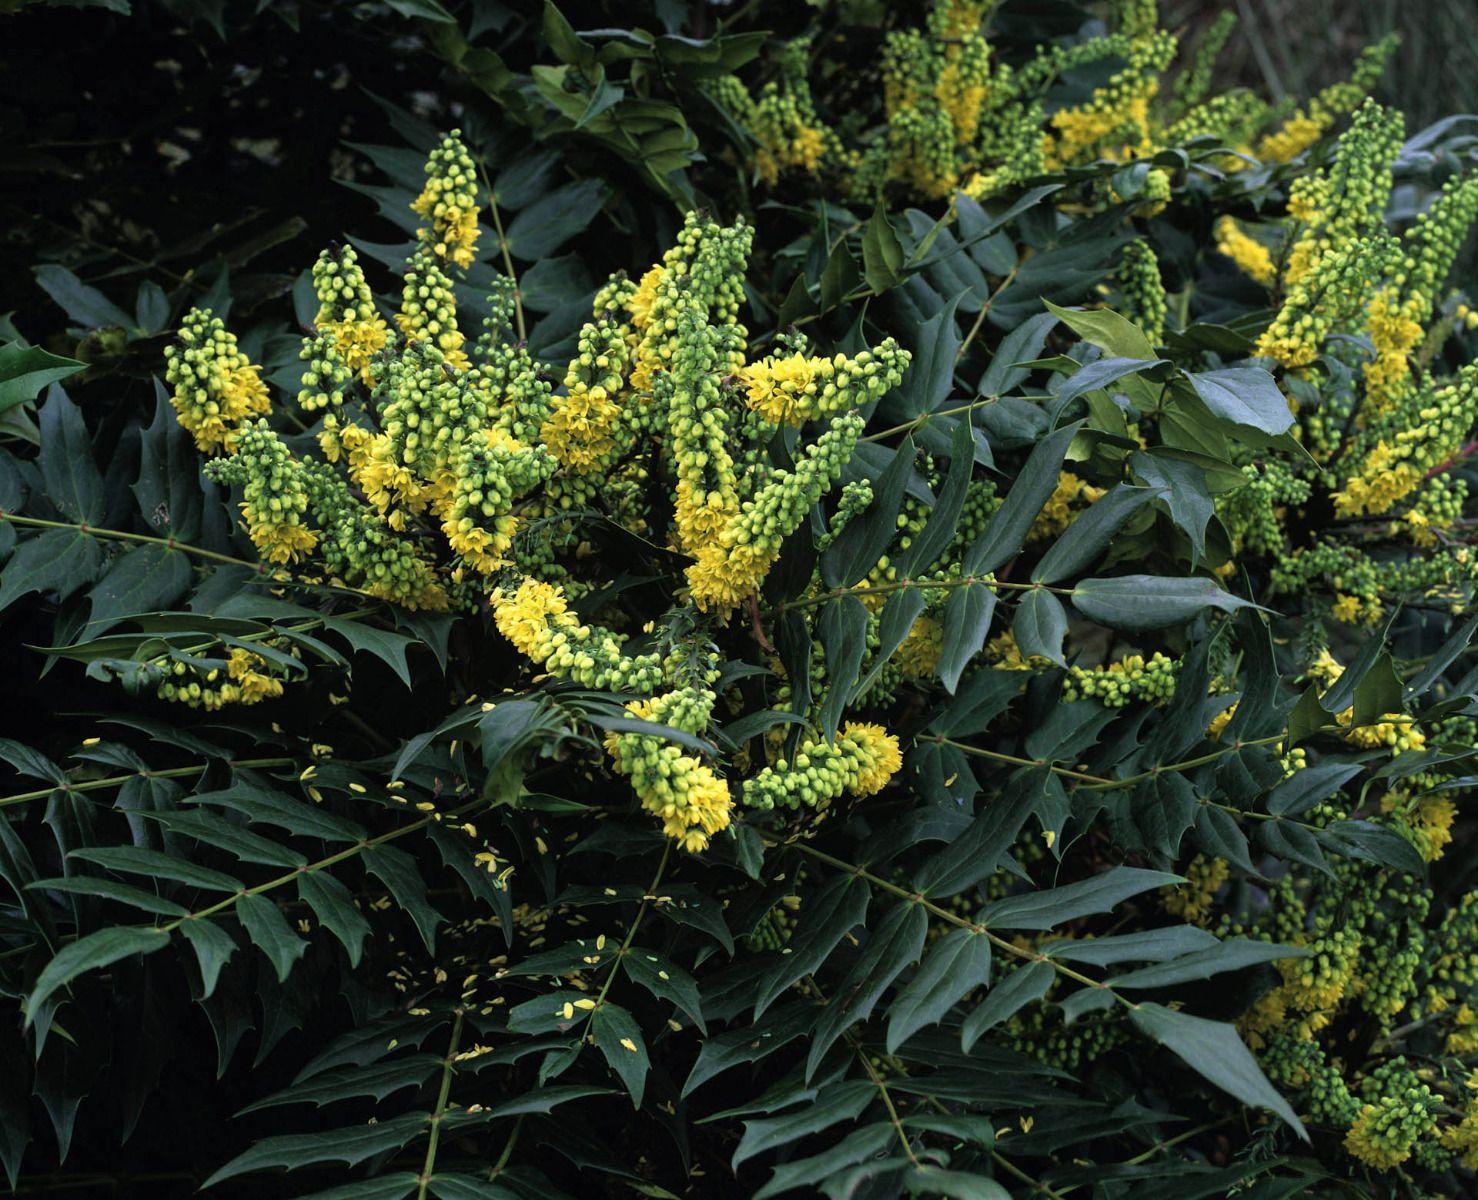 Arbuste Persistant En Pot Plein Soleil mahonia : variétés, plantation et entretien